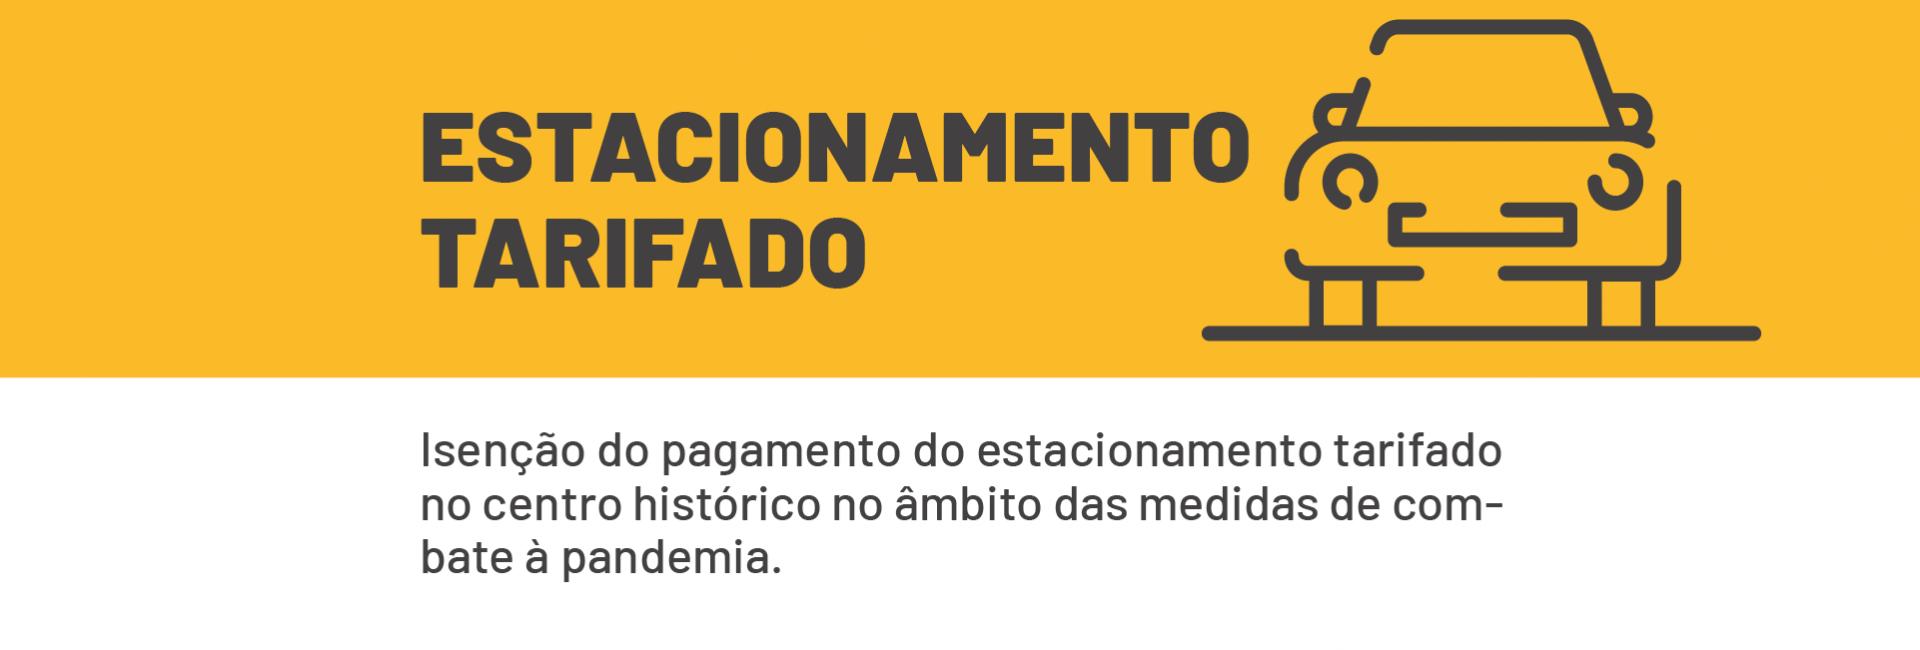 CME_FEV_Estacionamento3-12